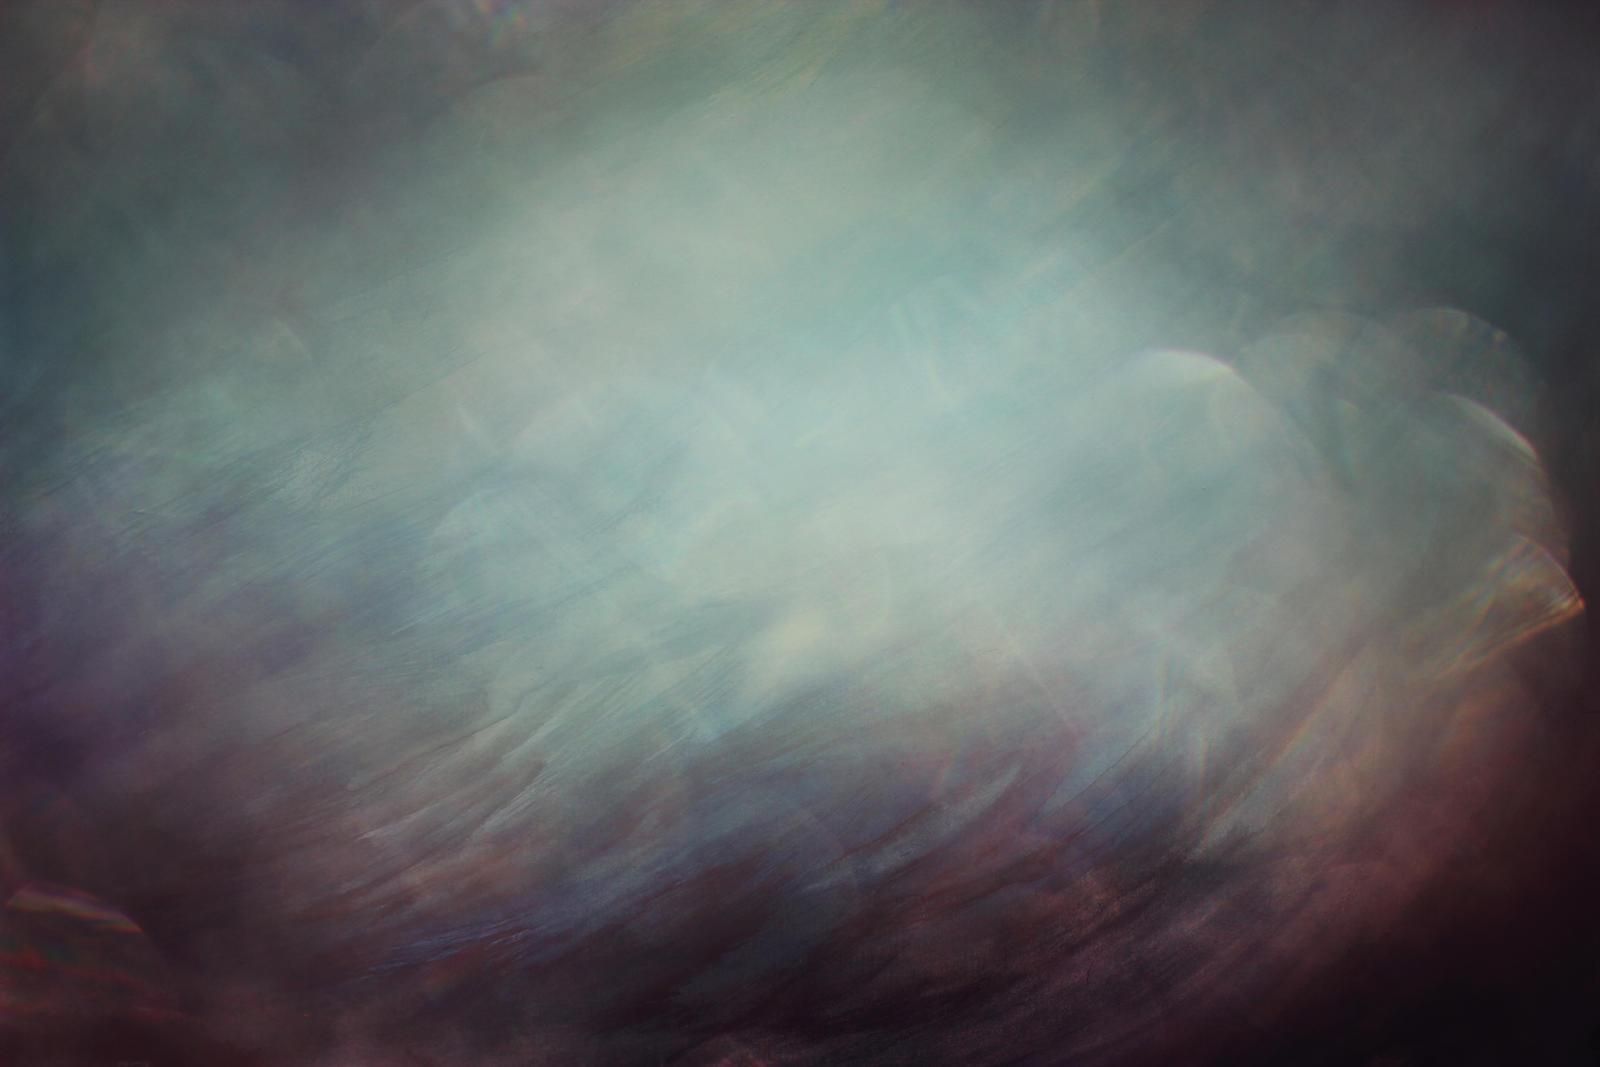 Texture 313 by Sirius-sdz